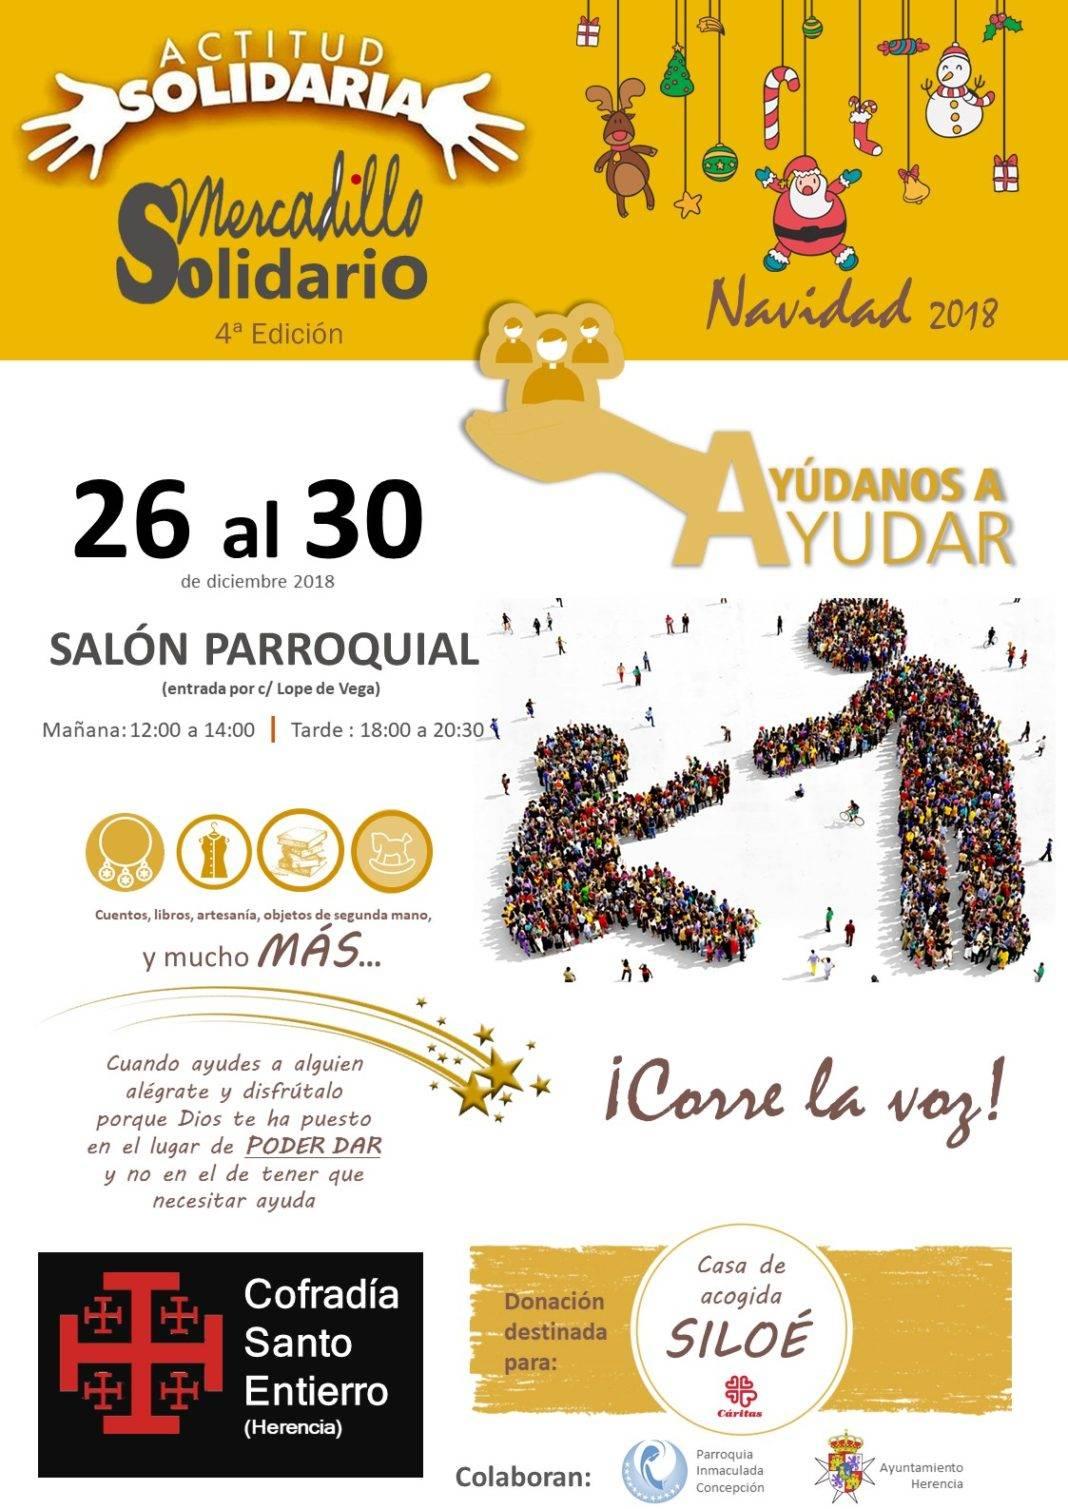 IV mercadillo solidario del Santo Entierro 1068x1509 - La Cofradía del Santo Entierro prepara su cuarto mercadillo solidario